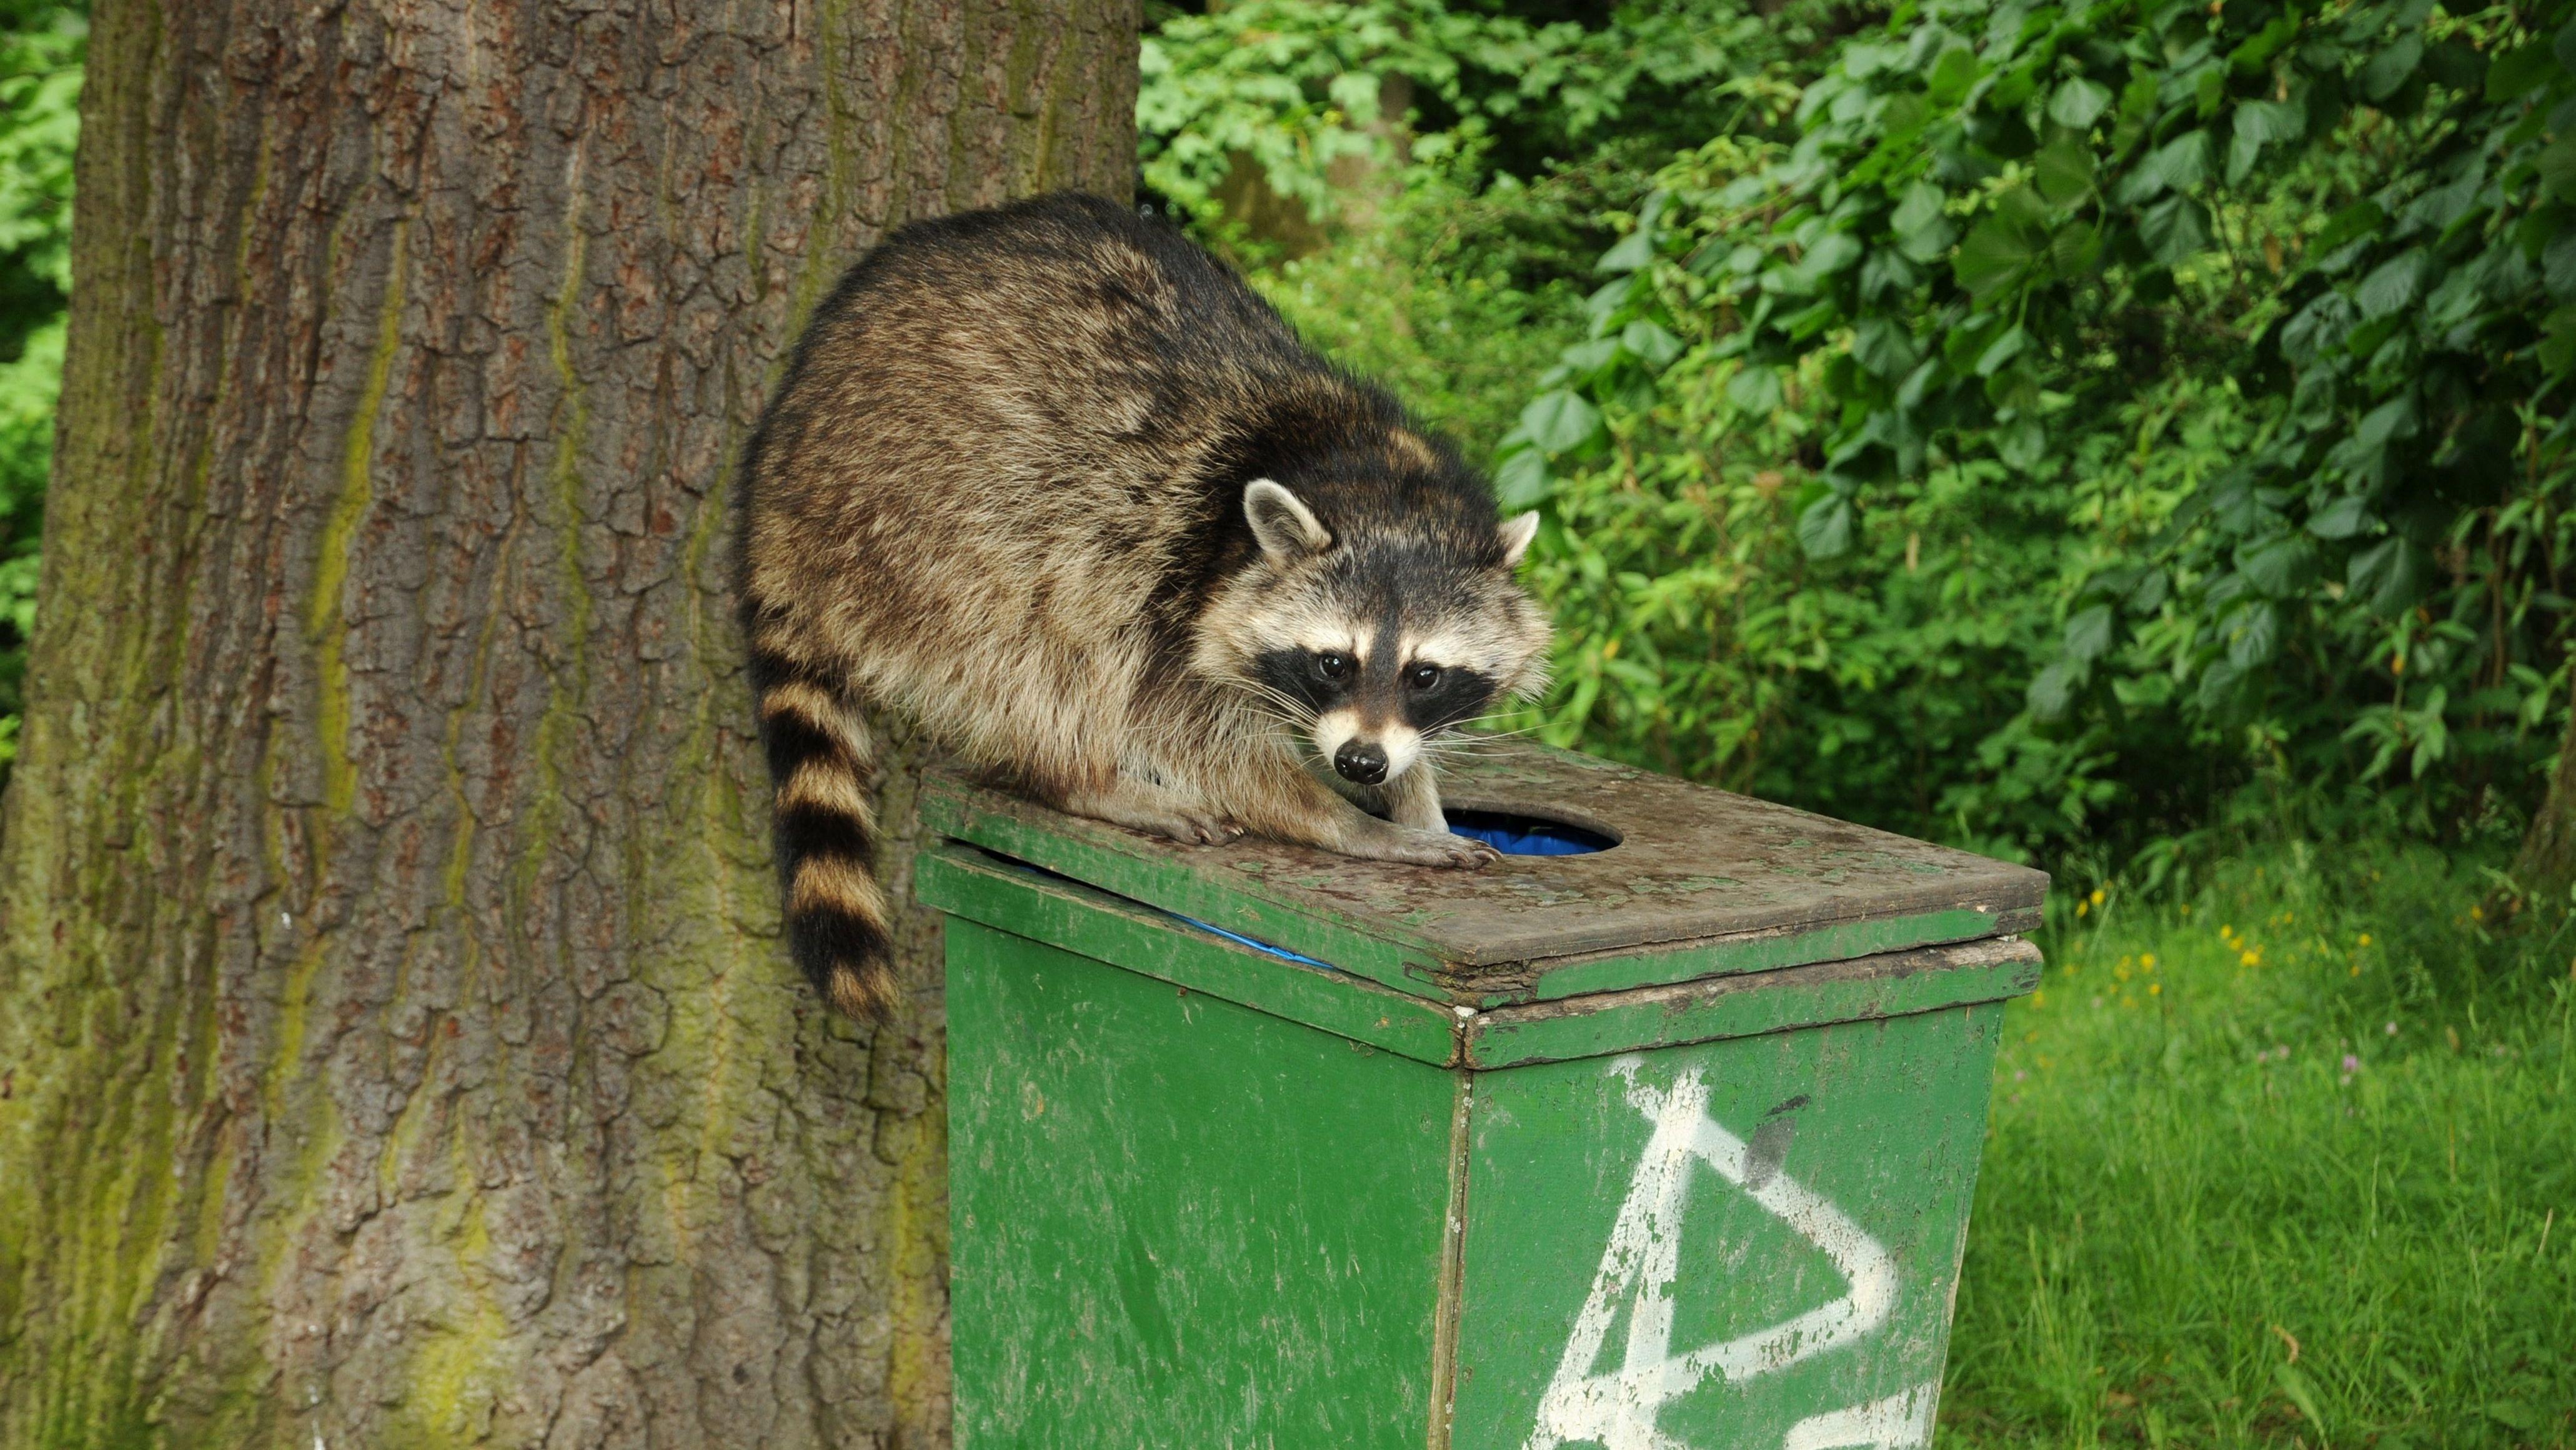 Ein Waschbär sitzt auf einem öffentlichen Mülleimer.